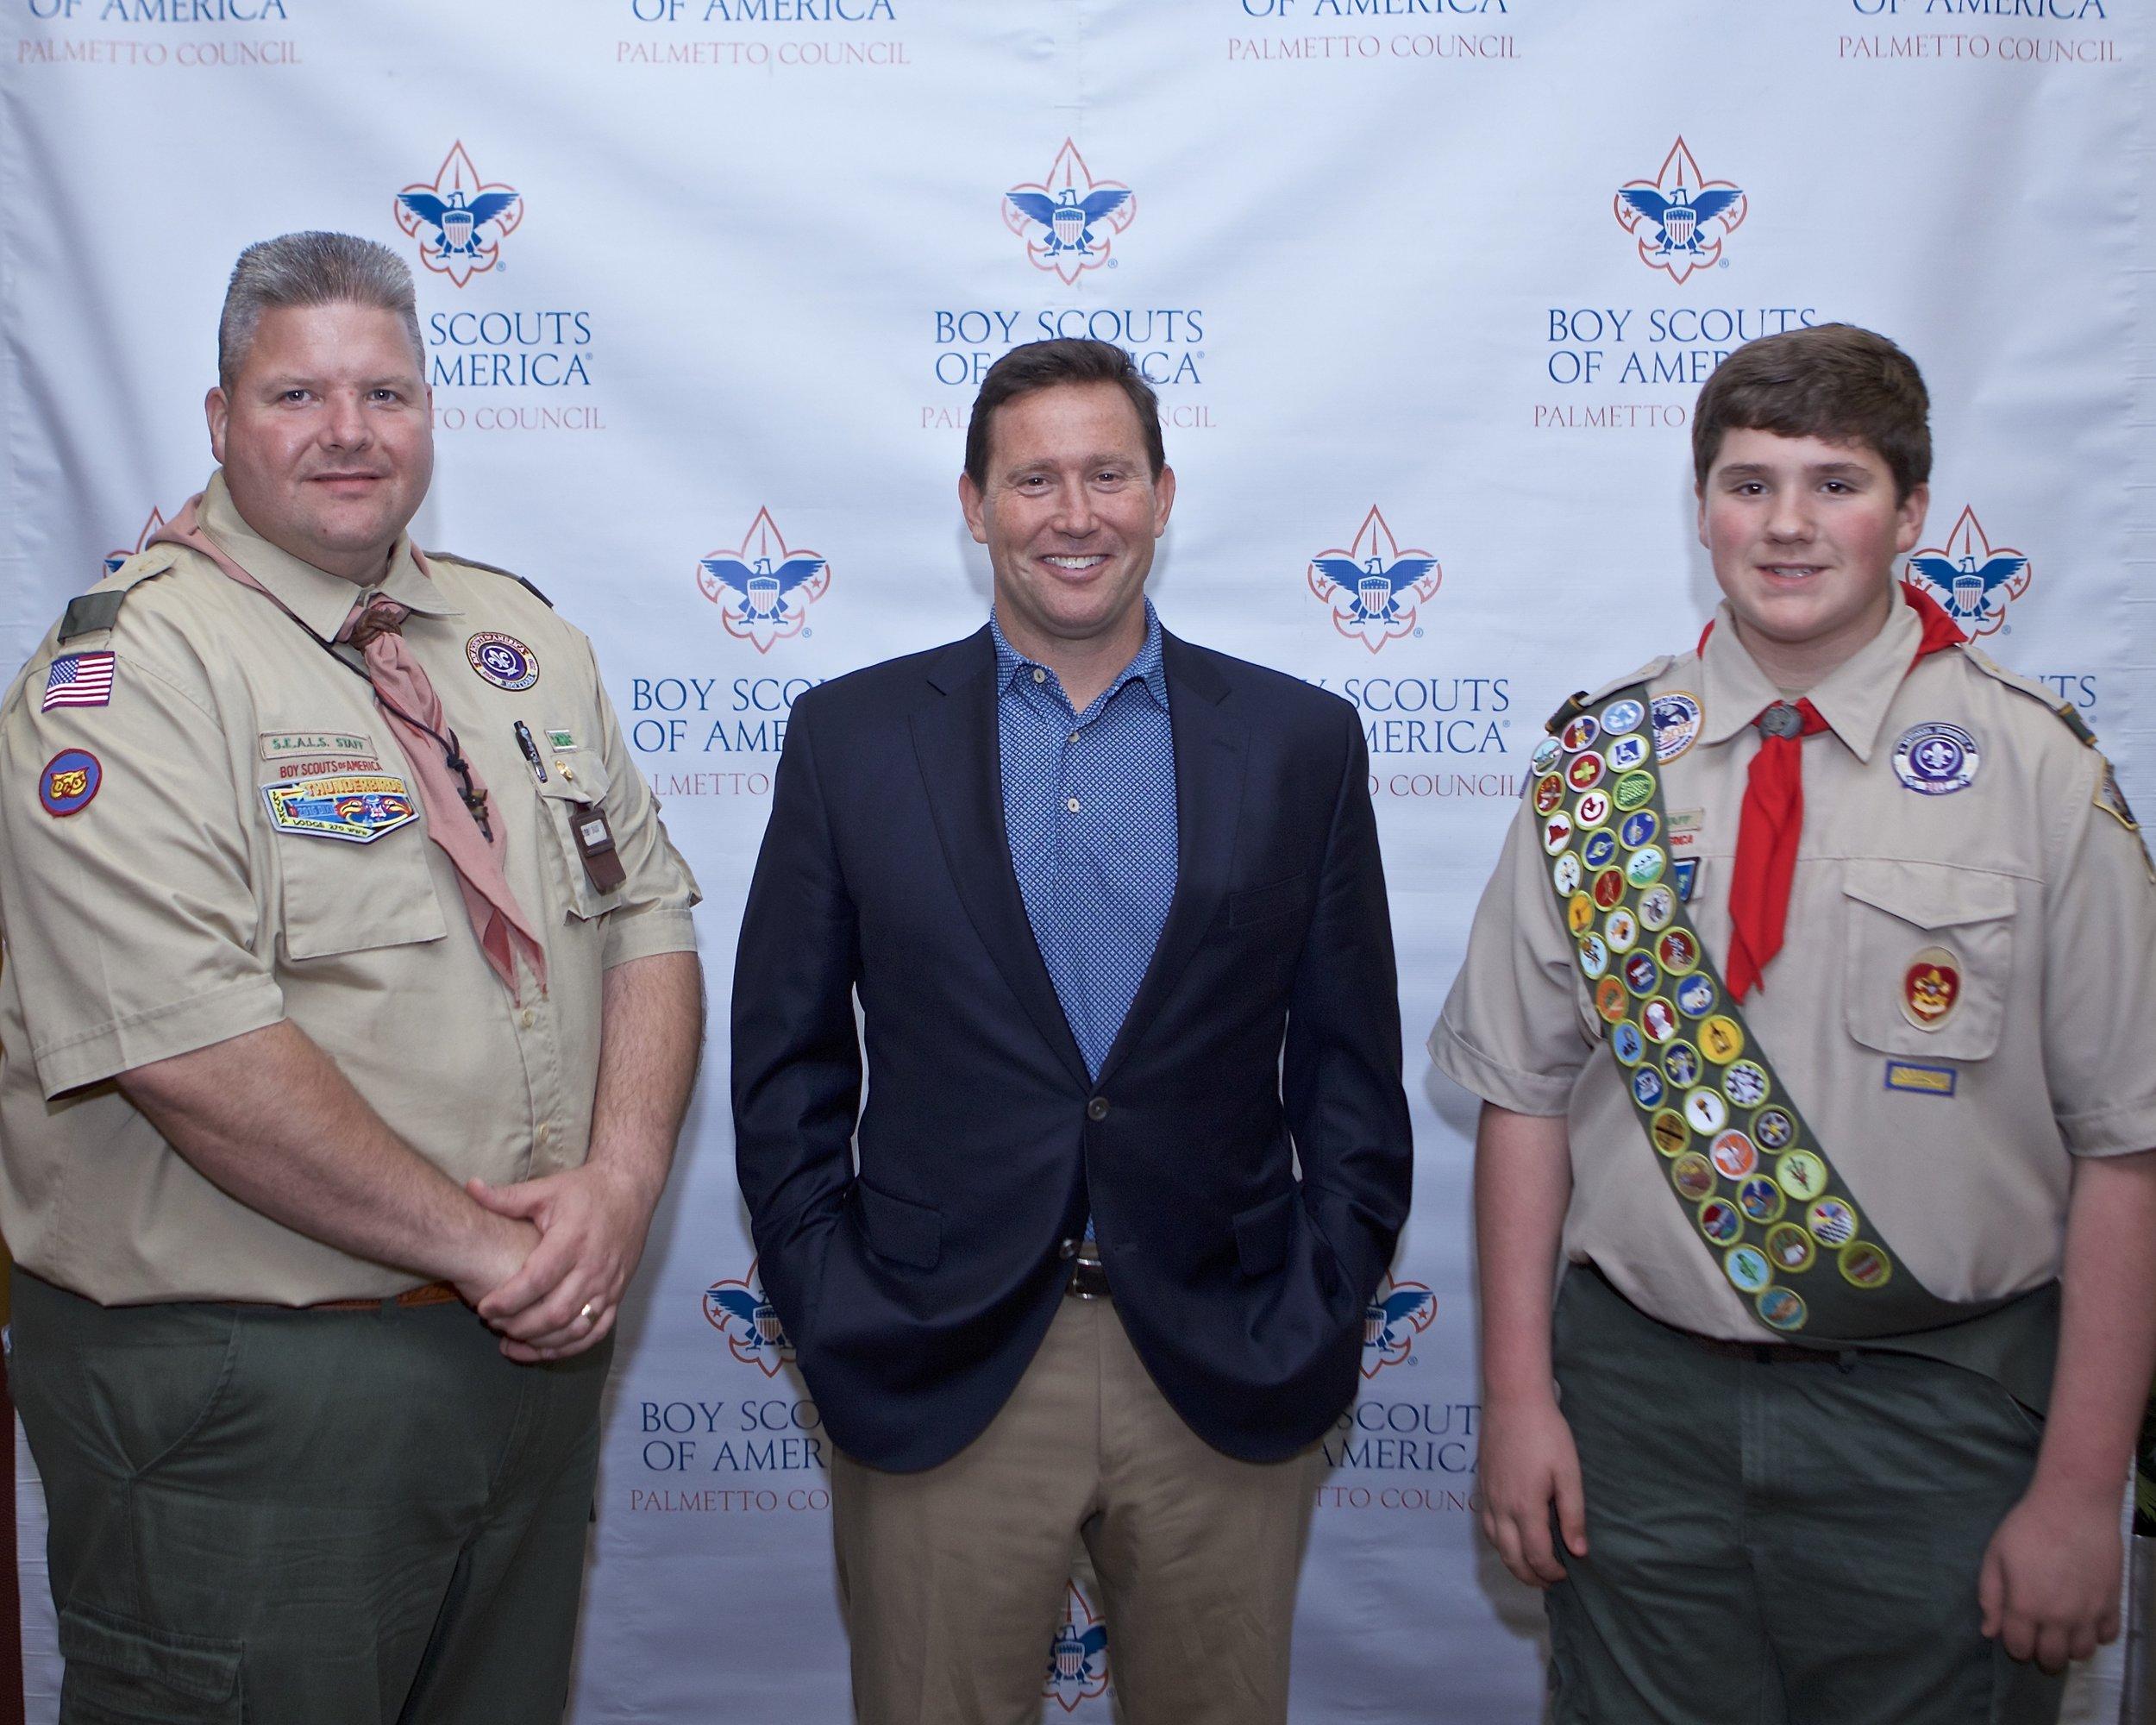 Boy Scouts_032.jpg